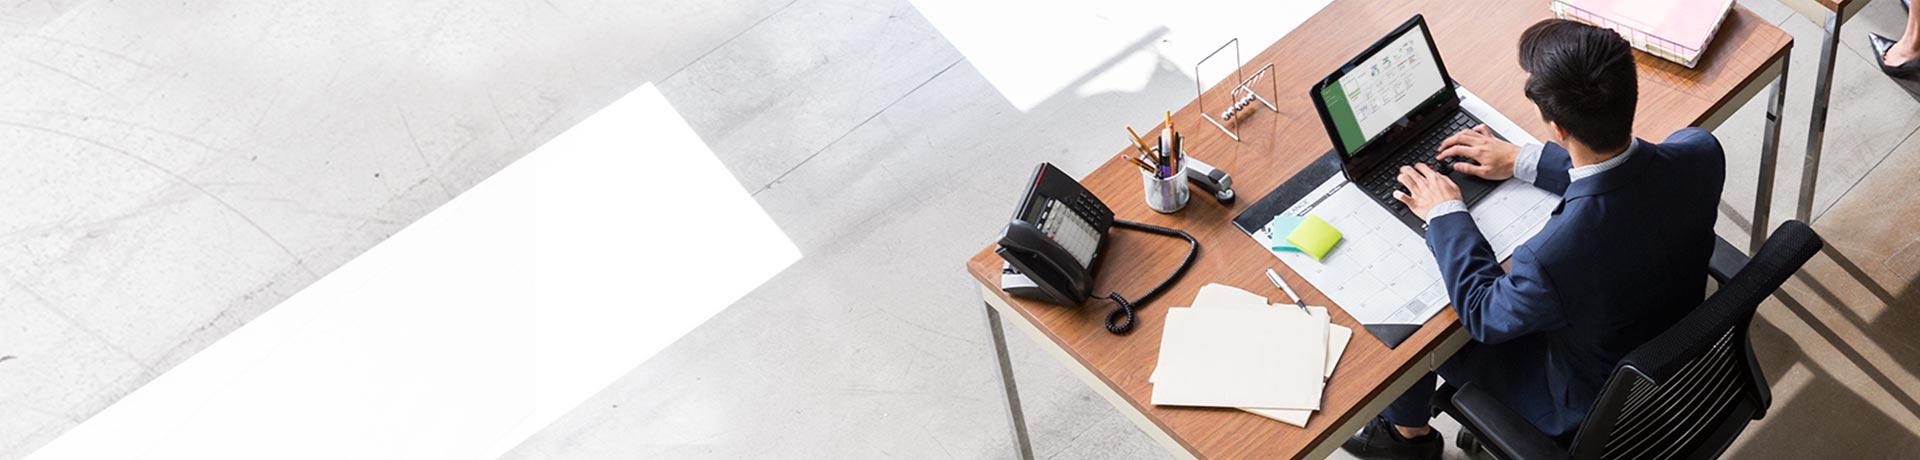 Homme assis devant un bureau, travaillant sur un fichier Microsoft Project à l'aide d'un ordinateur portable.